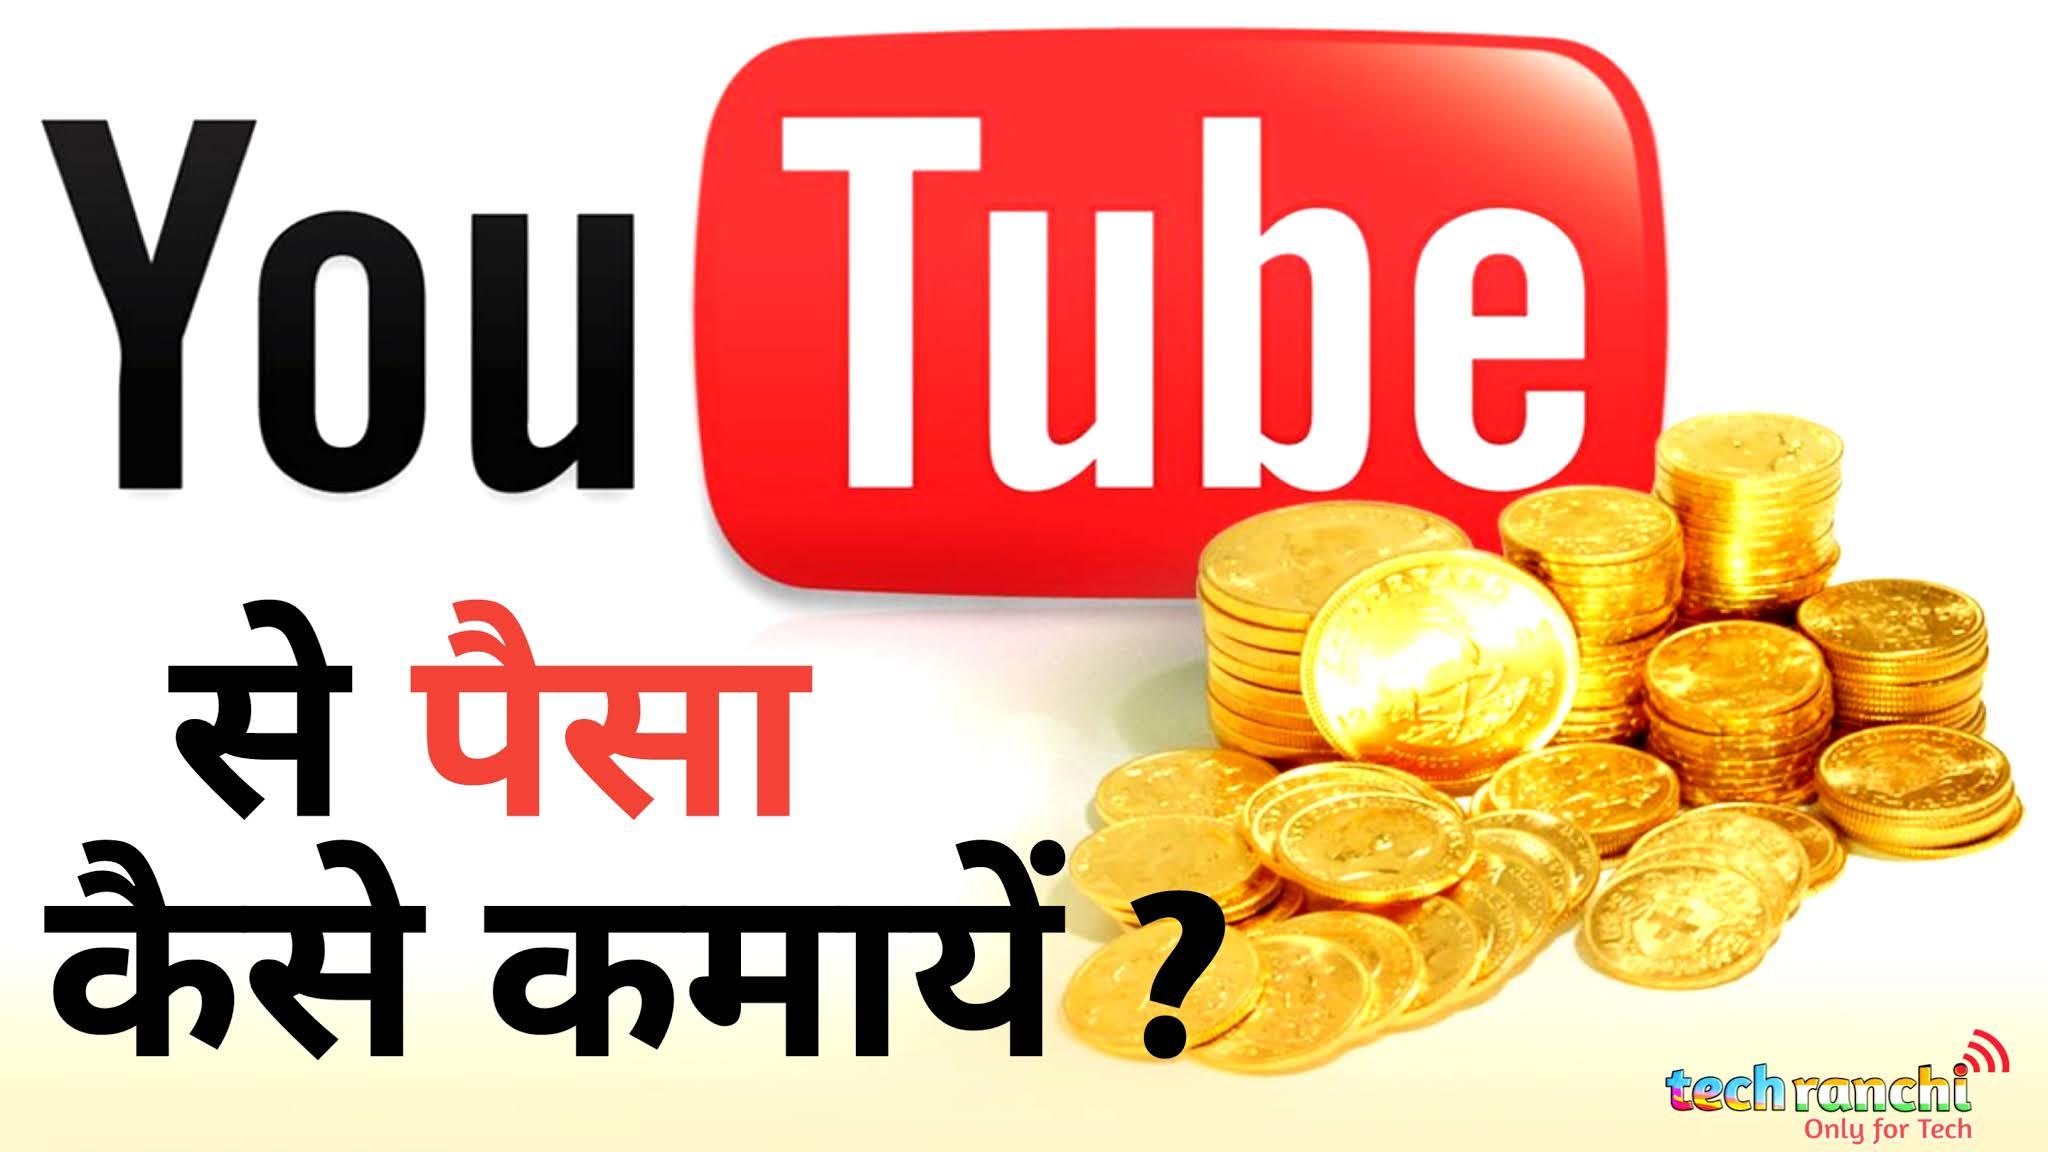 Online Earning,Youtube Earning, Youtube, Online Money Making,